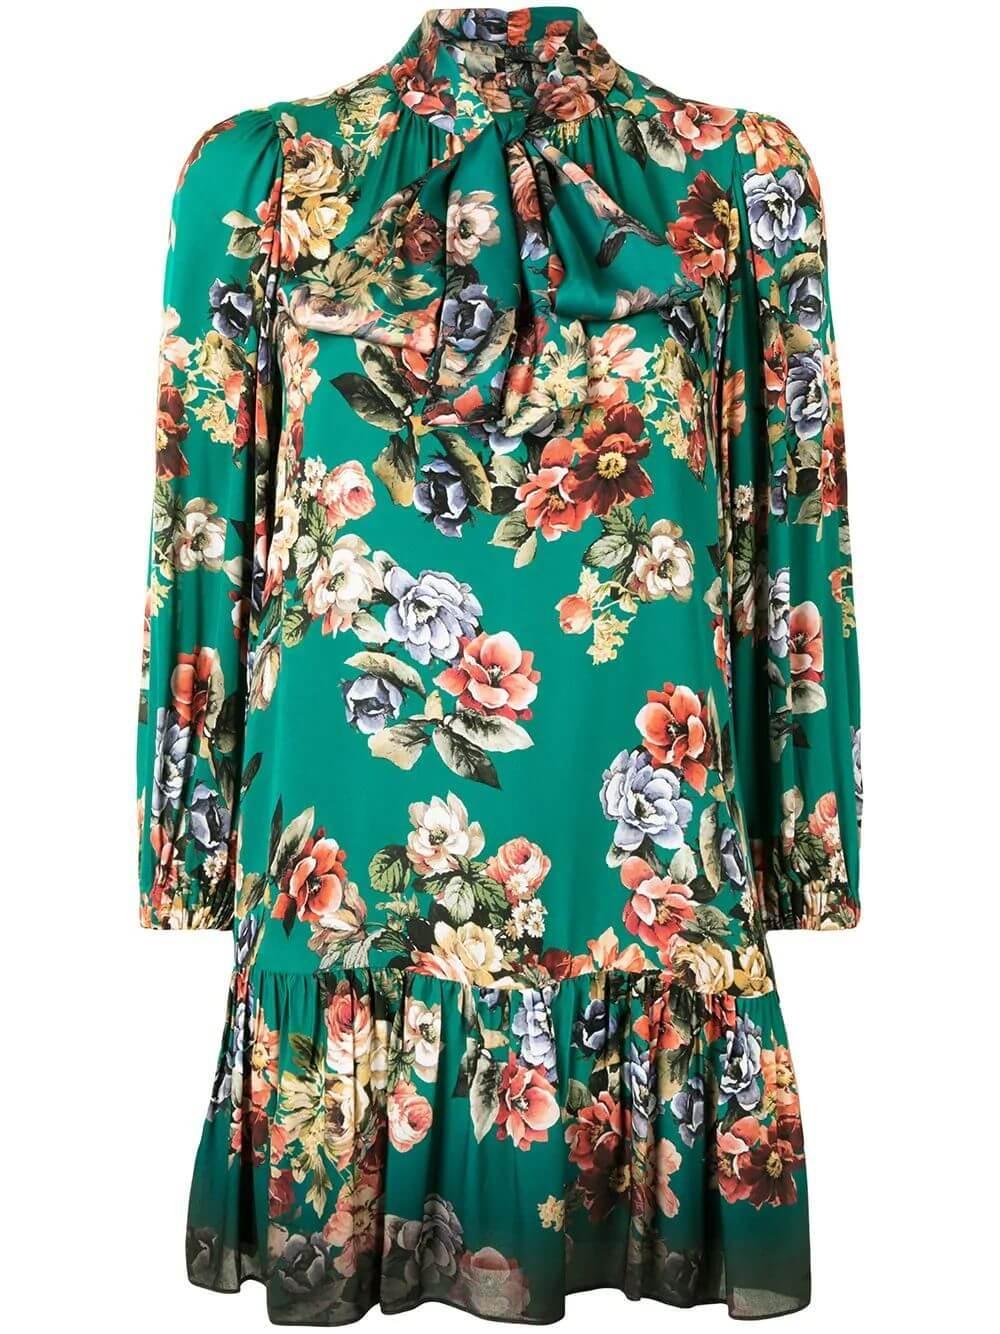 Merrille Dress Item # CC009P23502